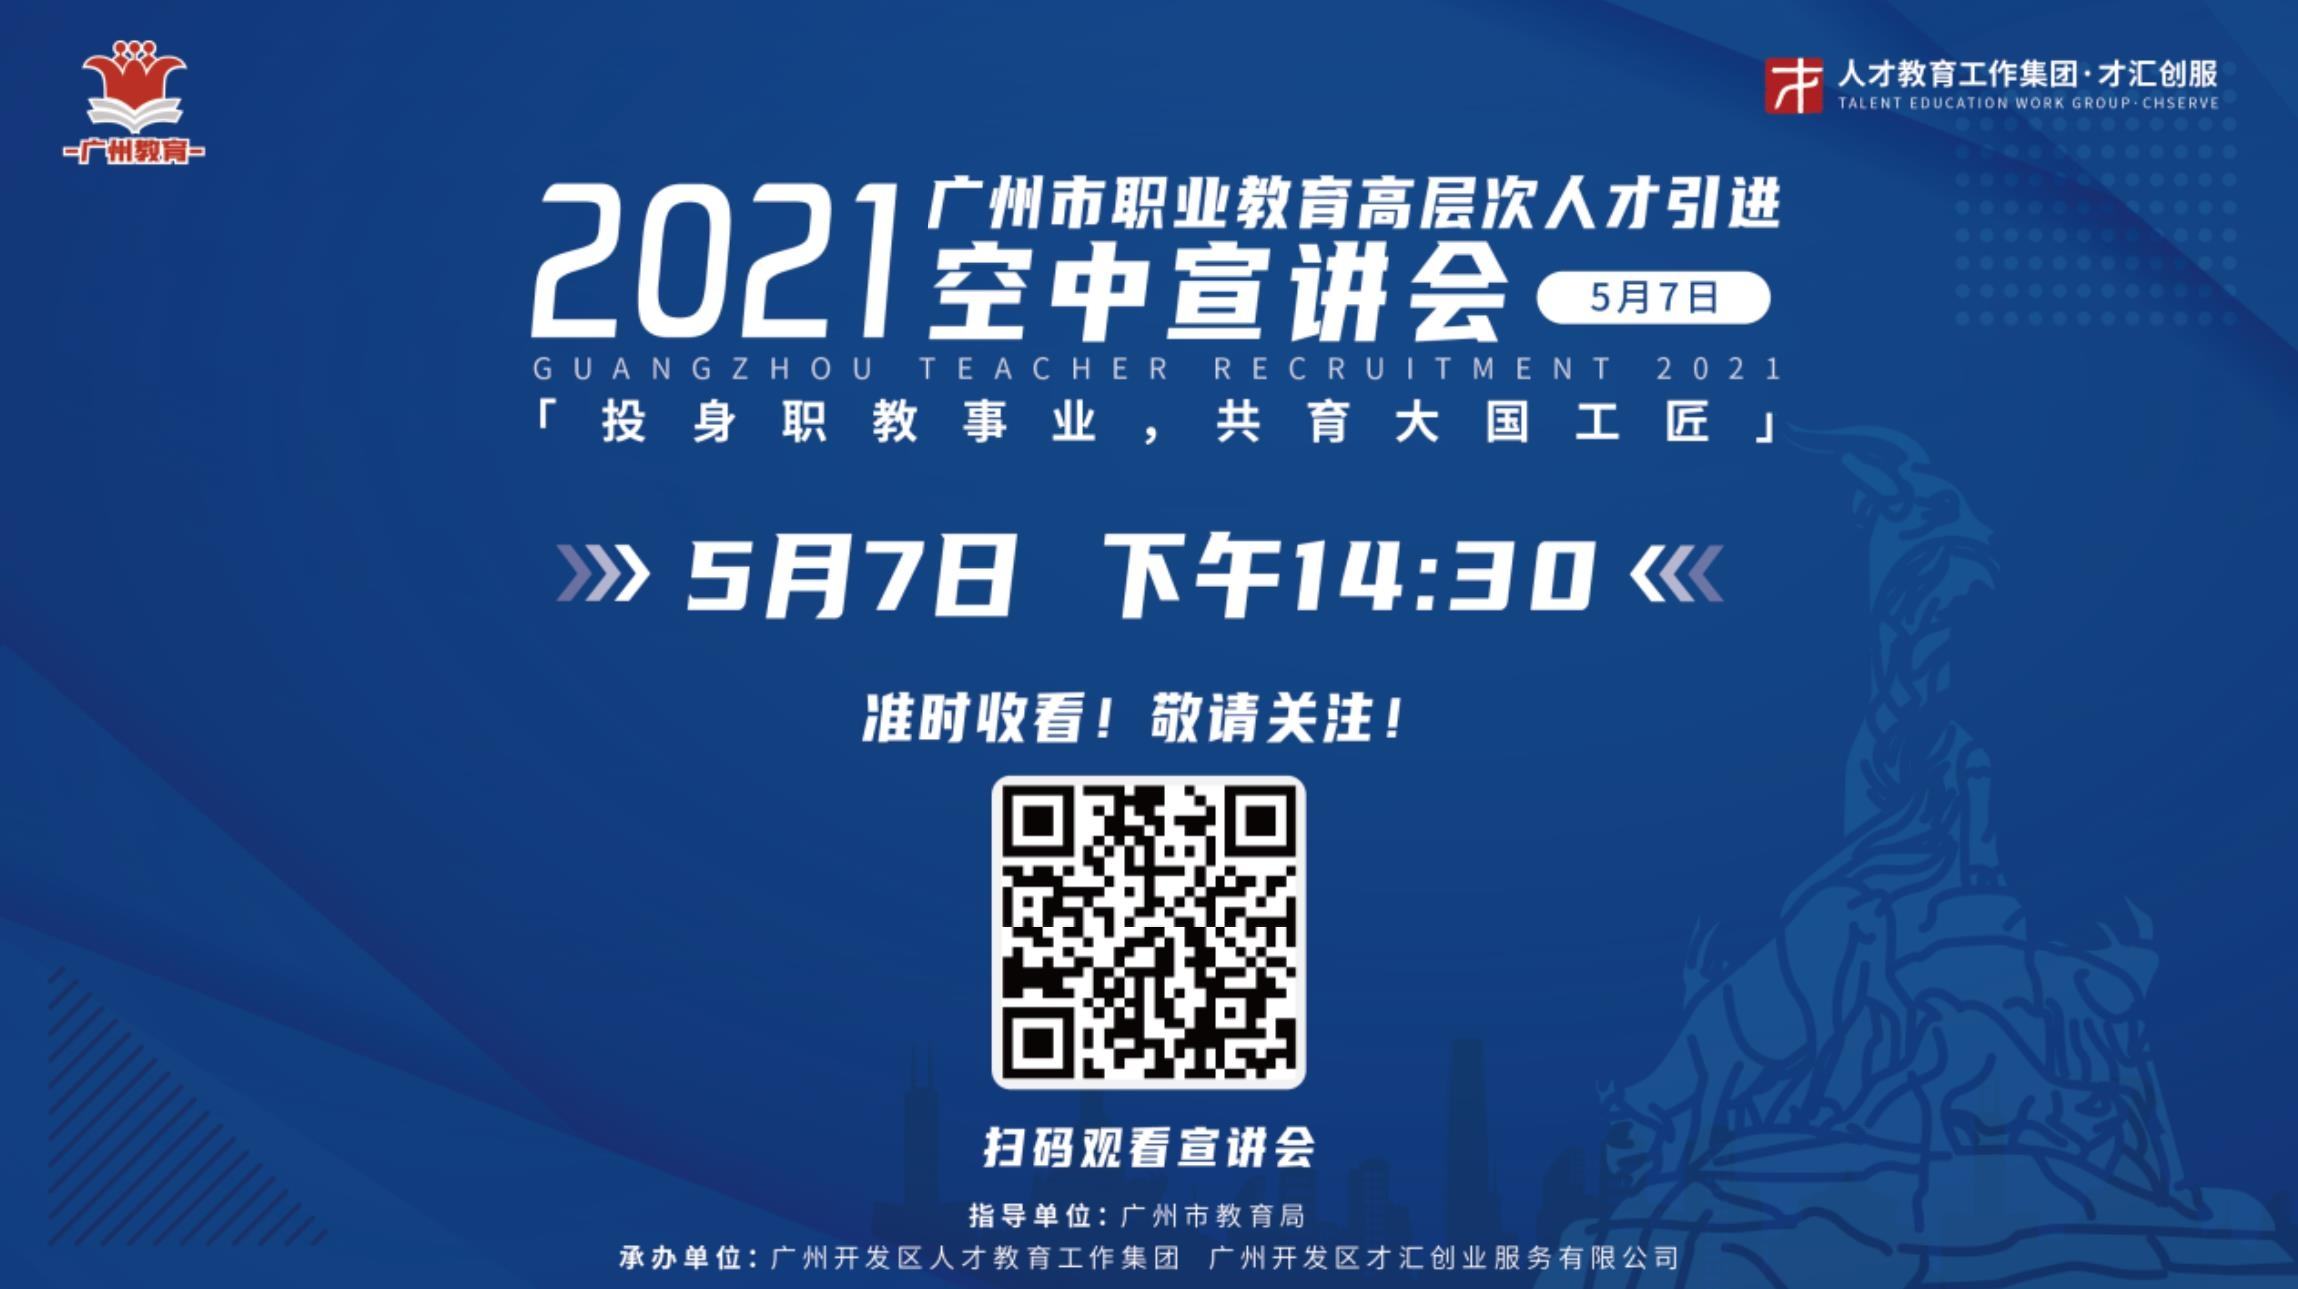 2021广州市职业教育高层次人才引进空中